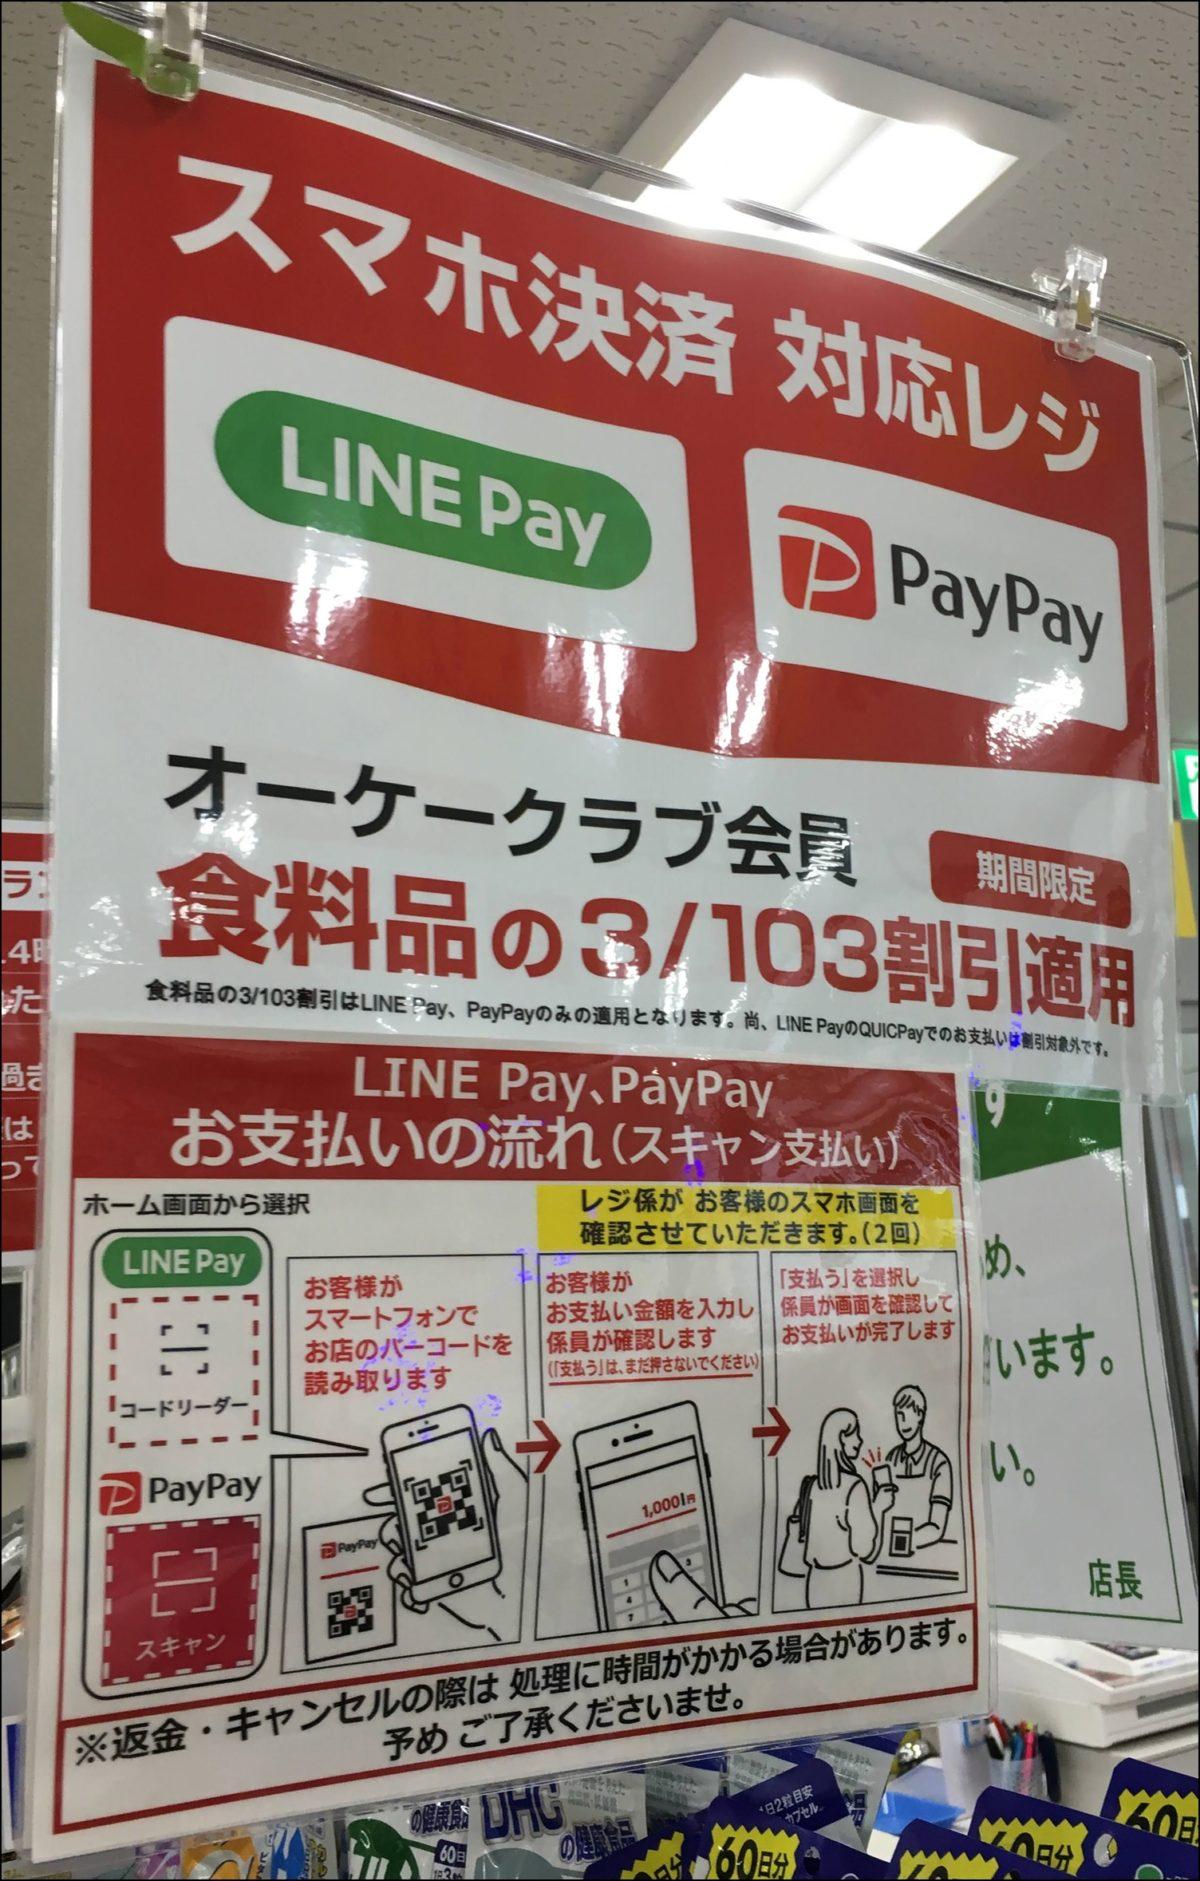 オーケーストアのpaypayの10%還元はいつまで使い方は_LINE PayはOK_使い方